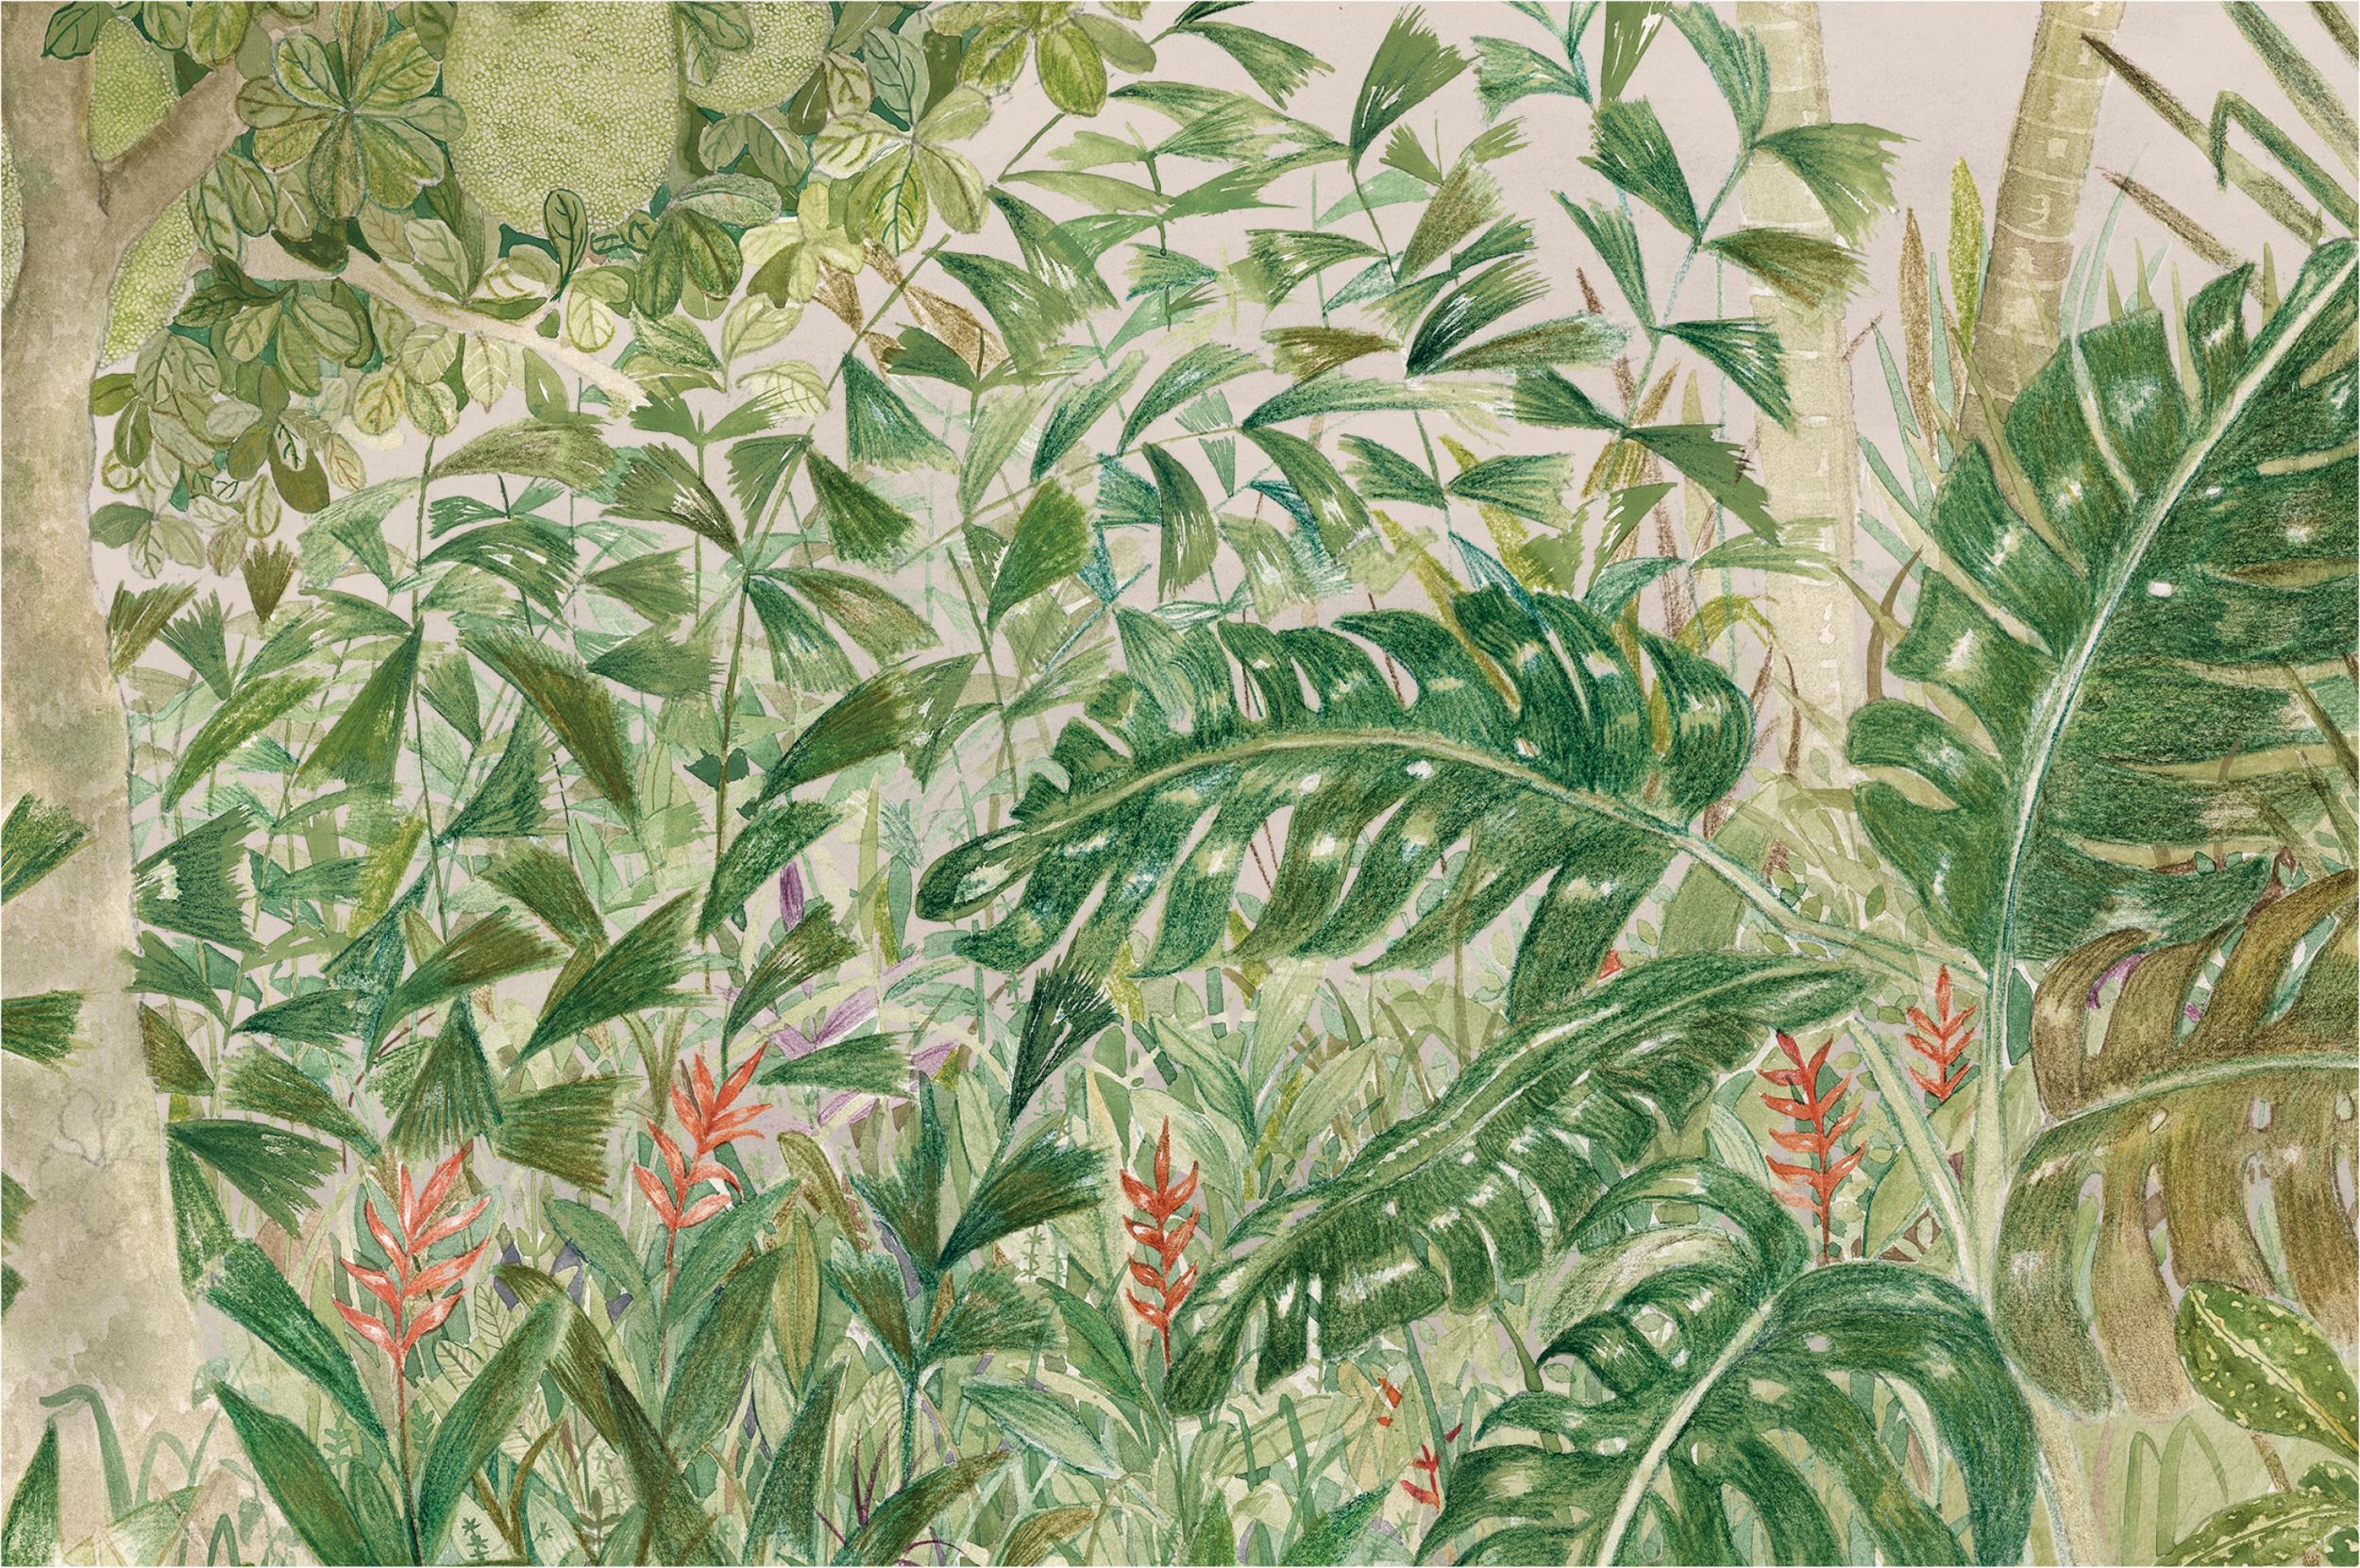 Wildgarden wallpaper_Flat_for WEBSITE23.png